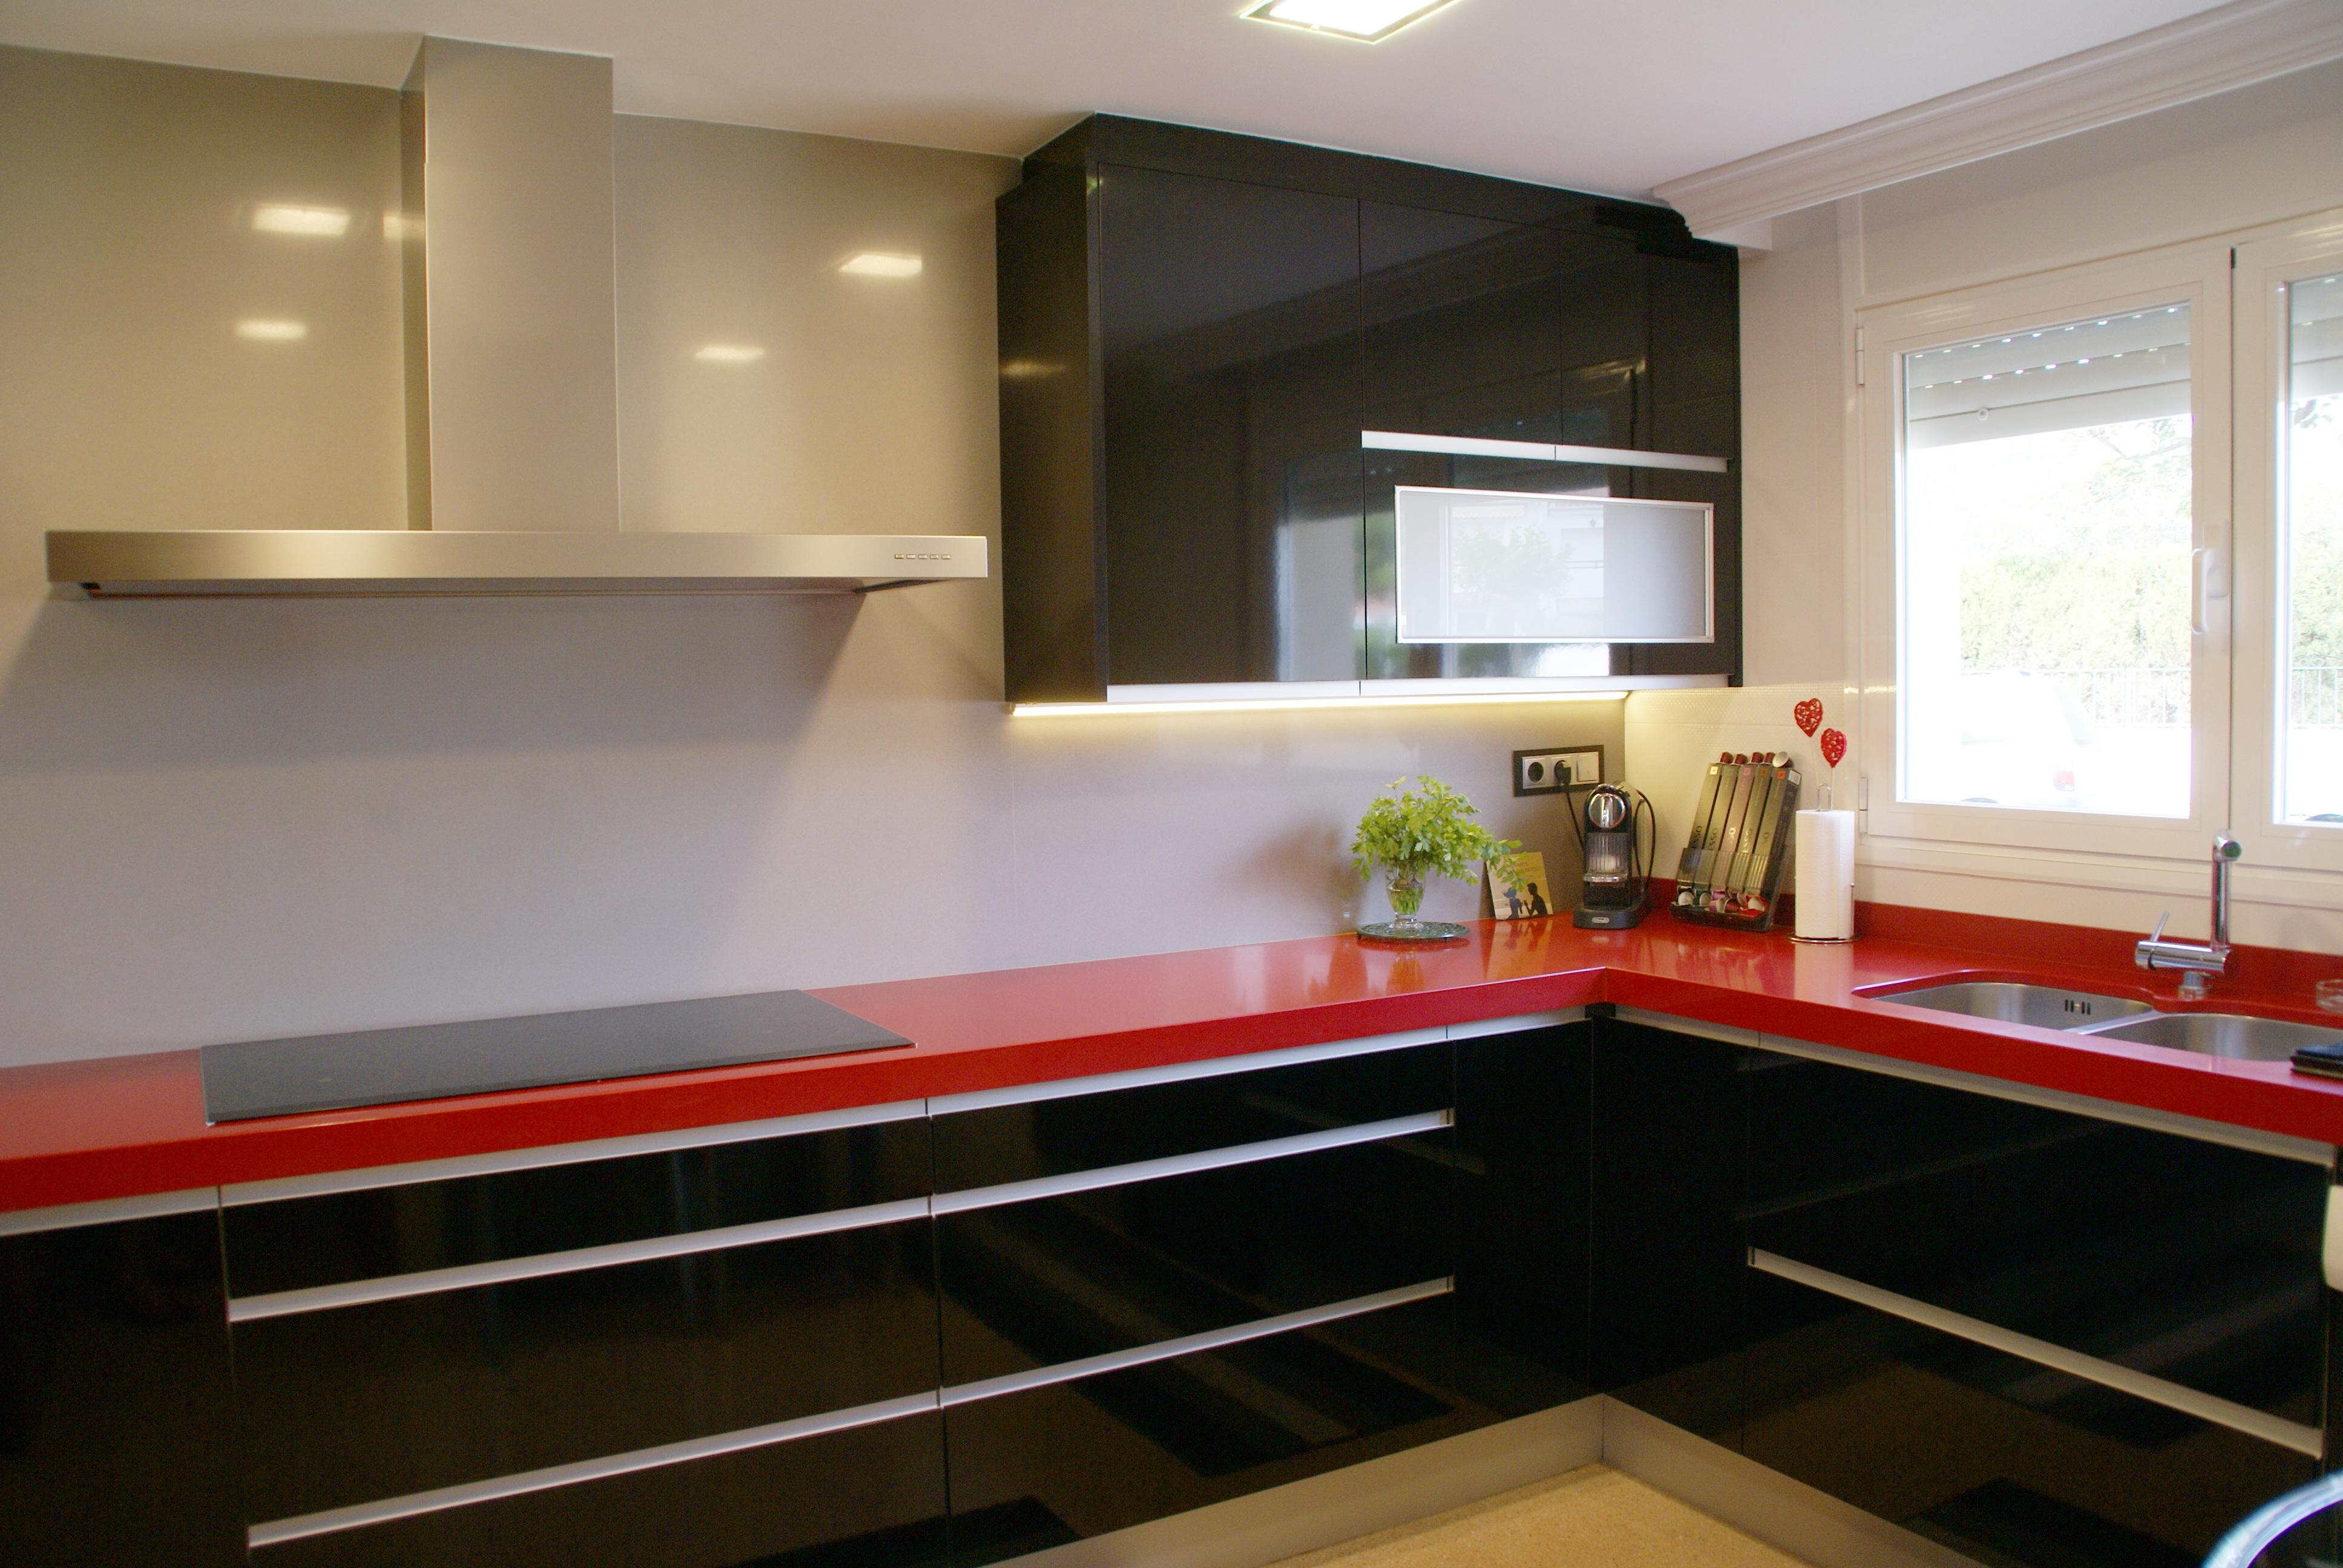 Vuelven las encimeras de granito vi sa espais - Sobre encimera cocina ...